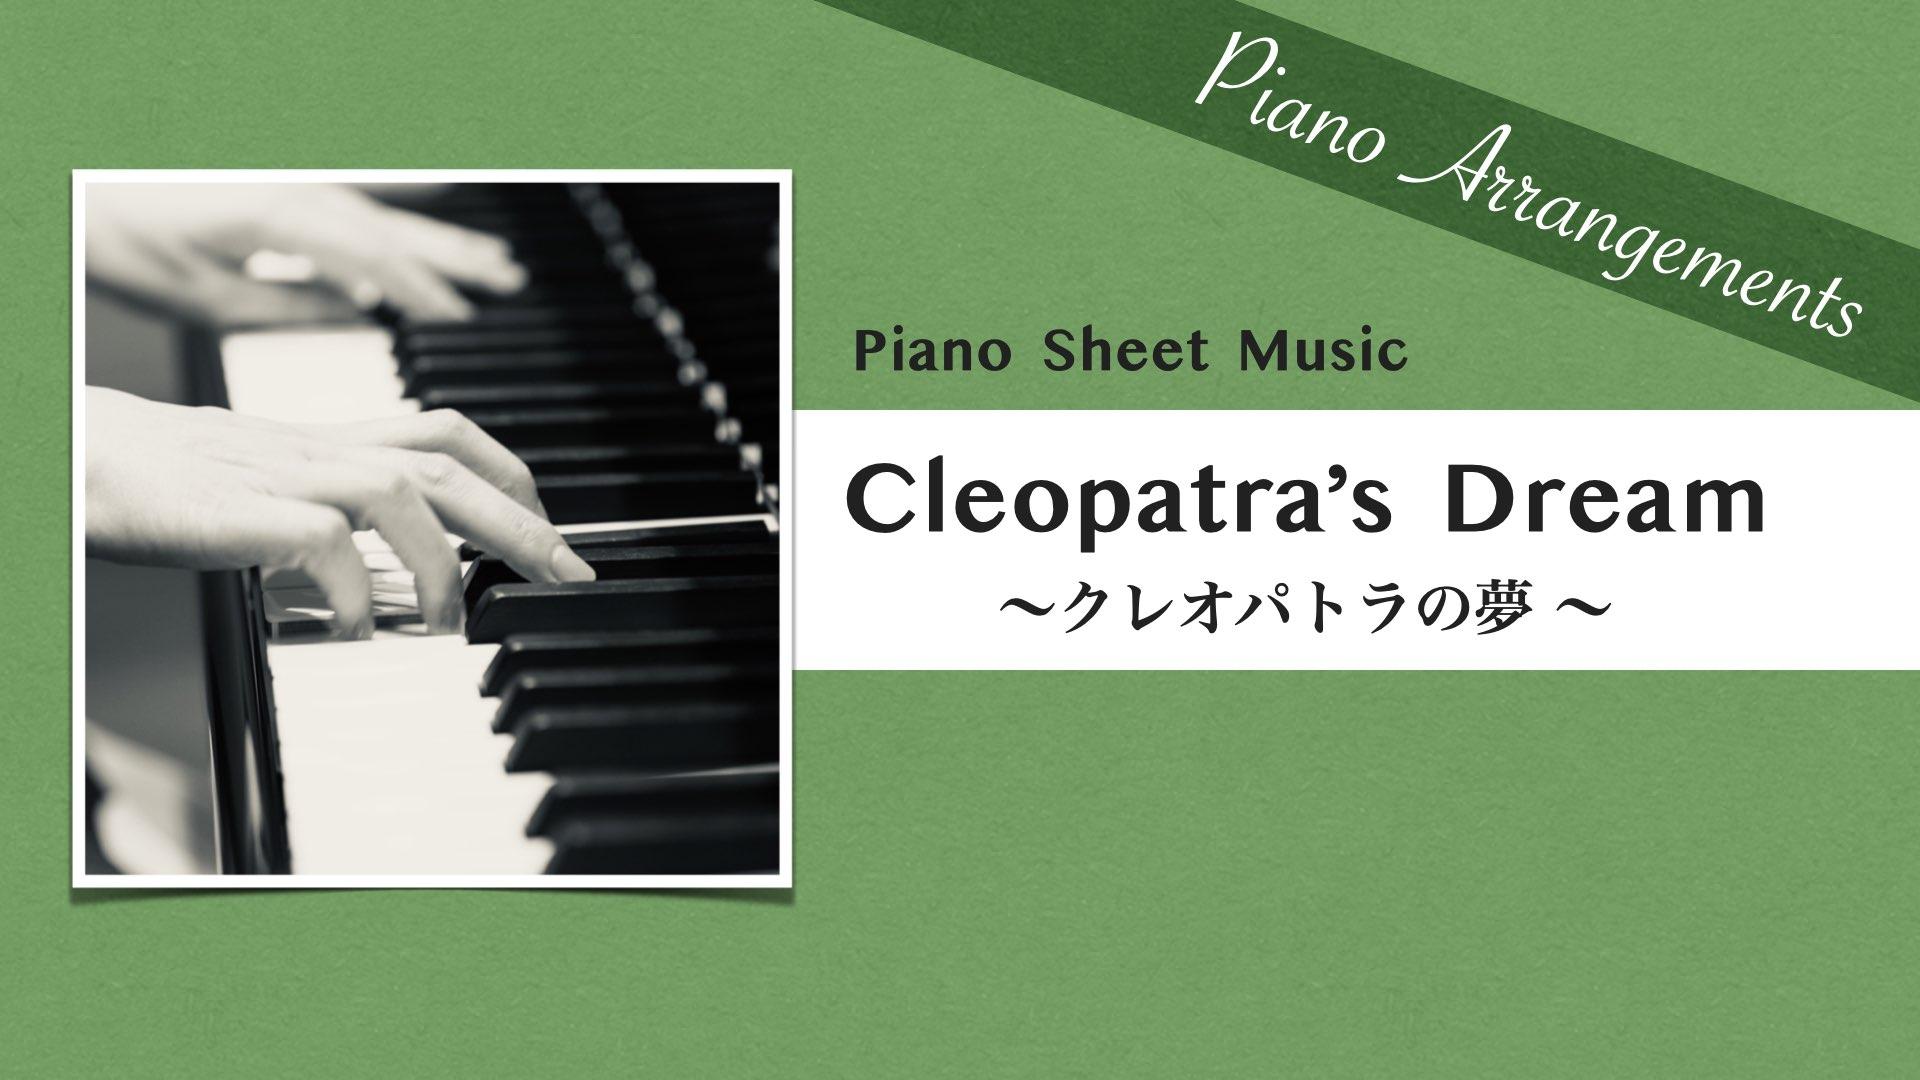 クレオパトラの夢:バド・パウエル作曲【ピアノ楽譜】